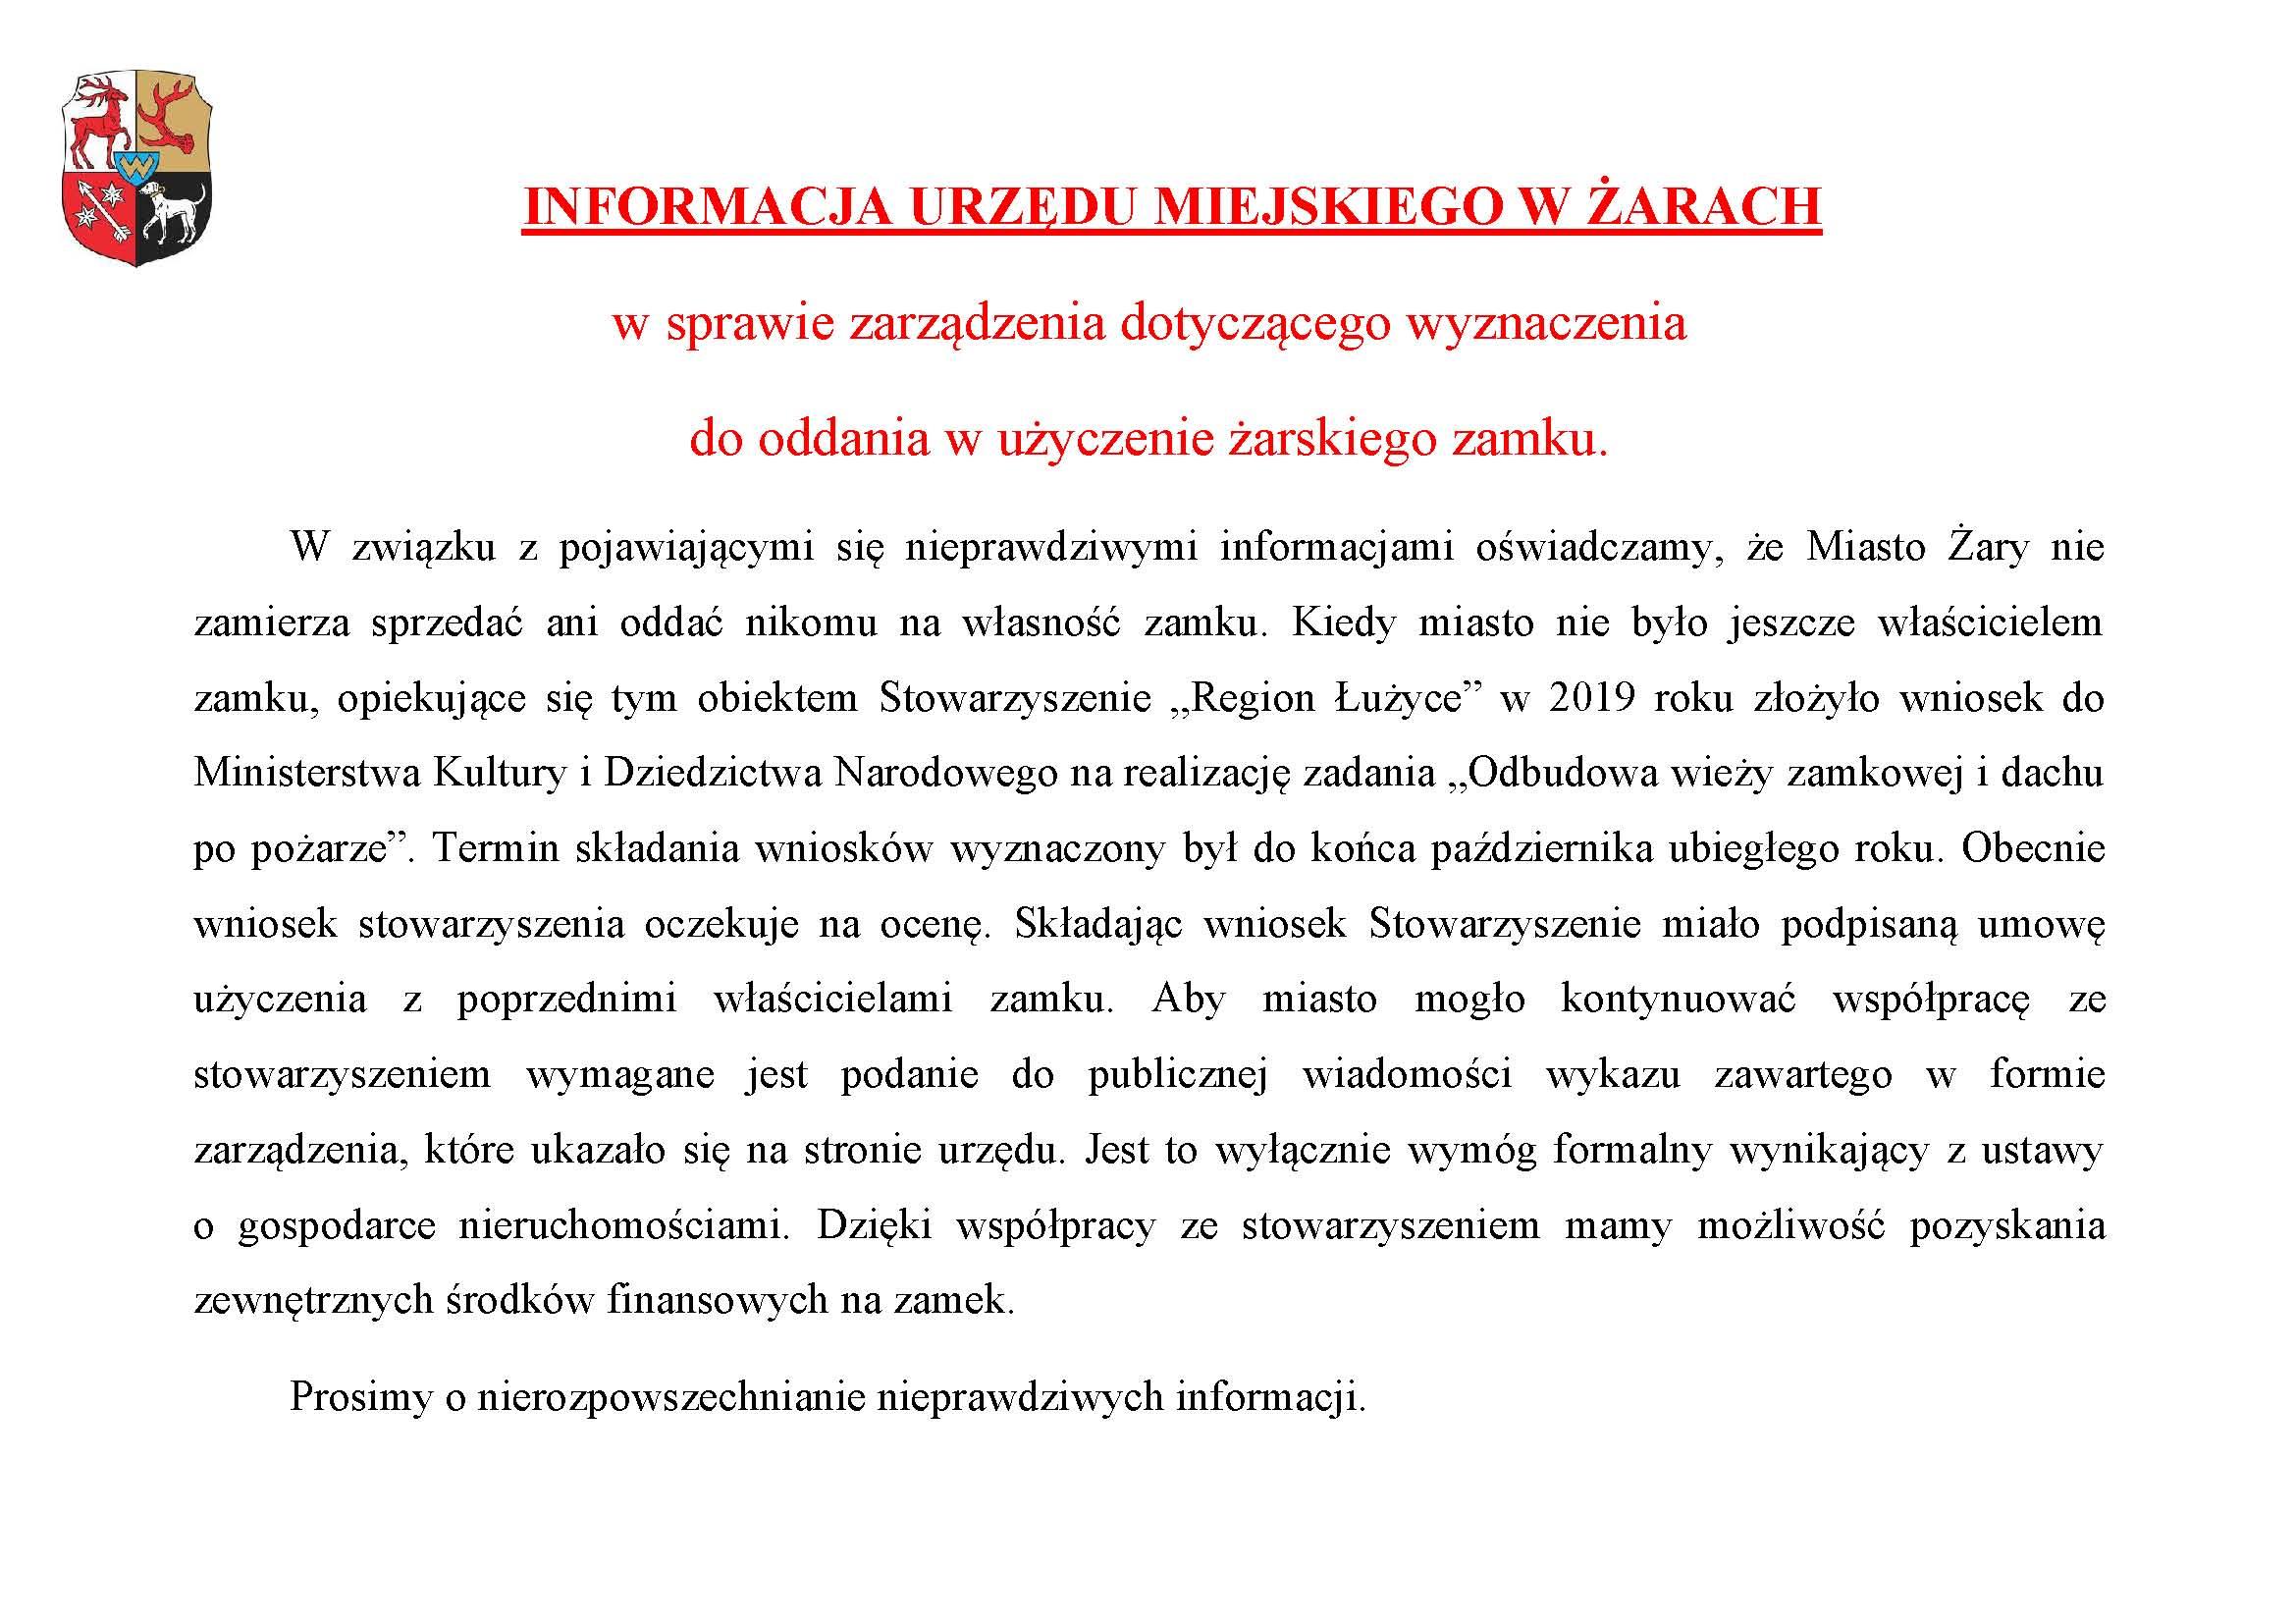 Ilustracja do informacji: Informacja Urzędu Miejskiego w Żarach w sprawie zarządzenia dotyczącego wyznaczenia do oddania w użyczenie żarskiego zamku.